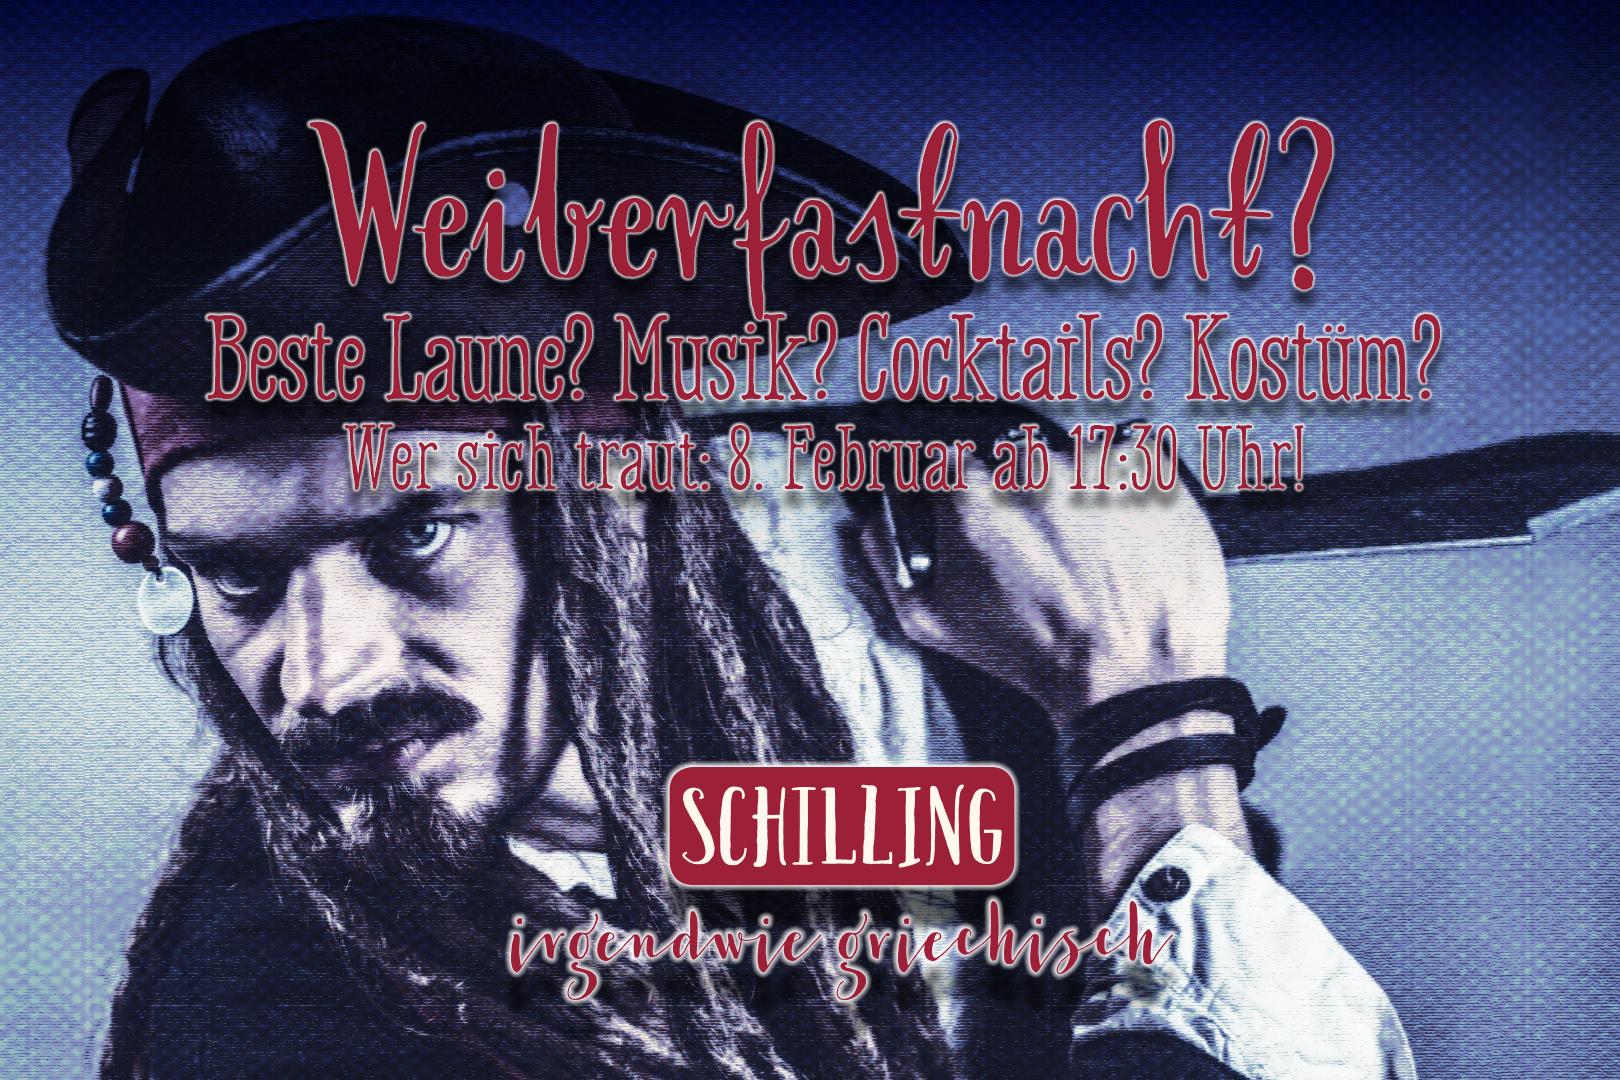 Schilling! Weiberfastnacht!